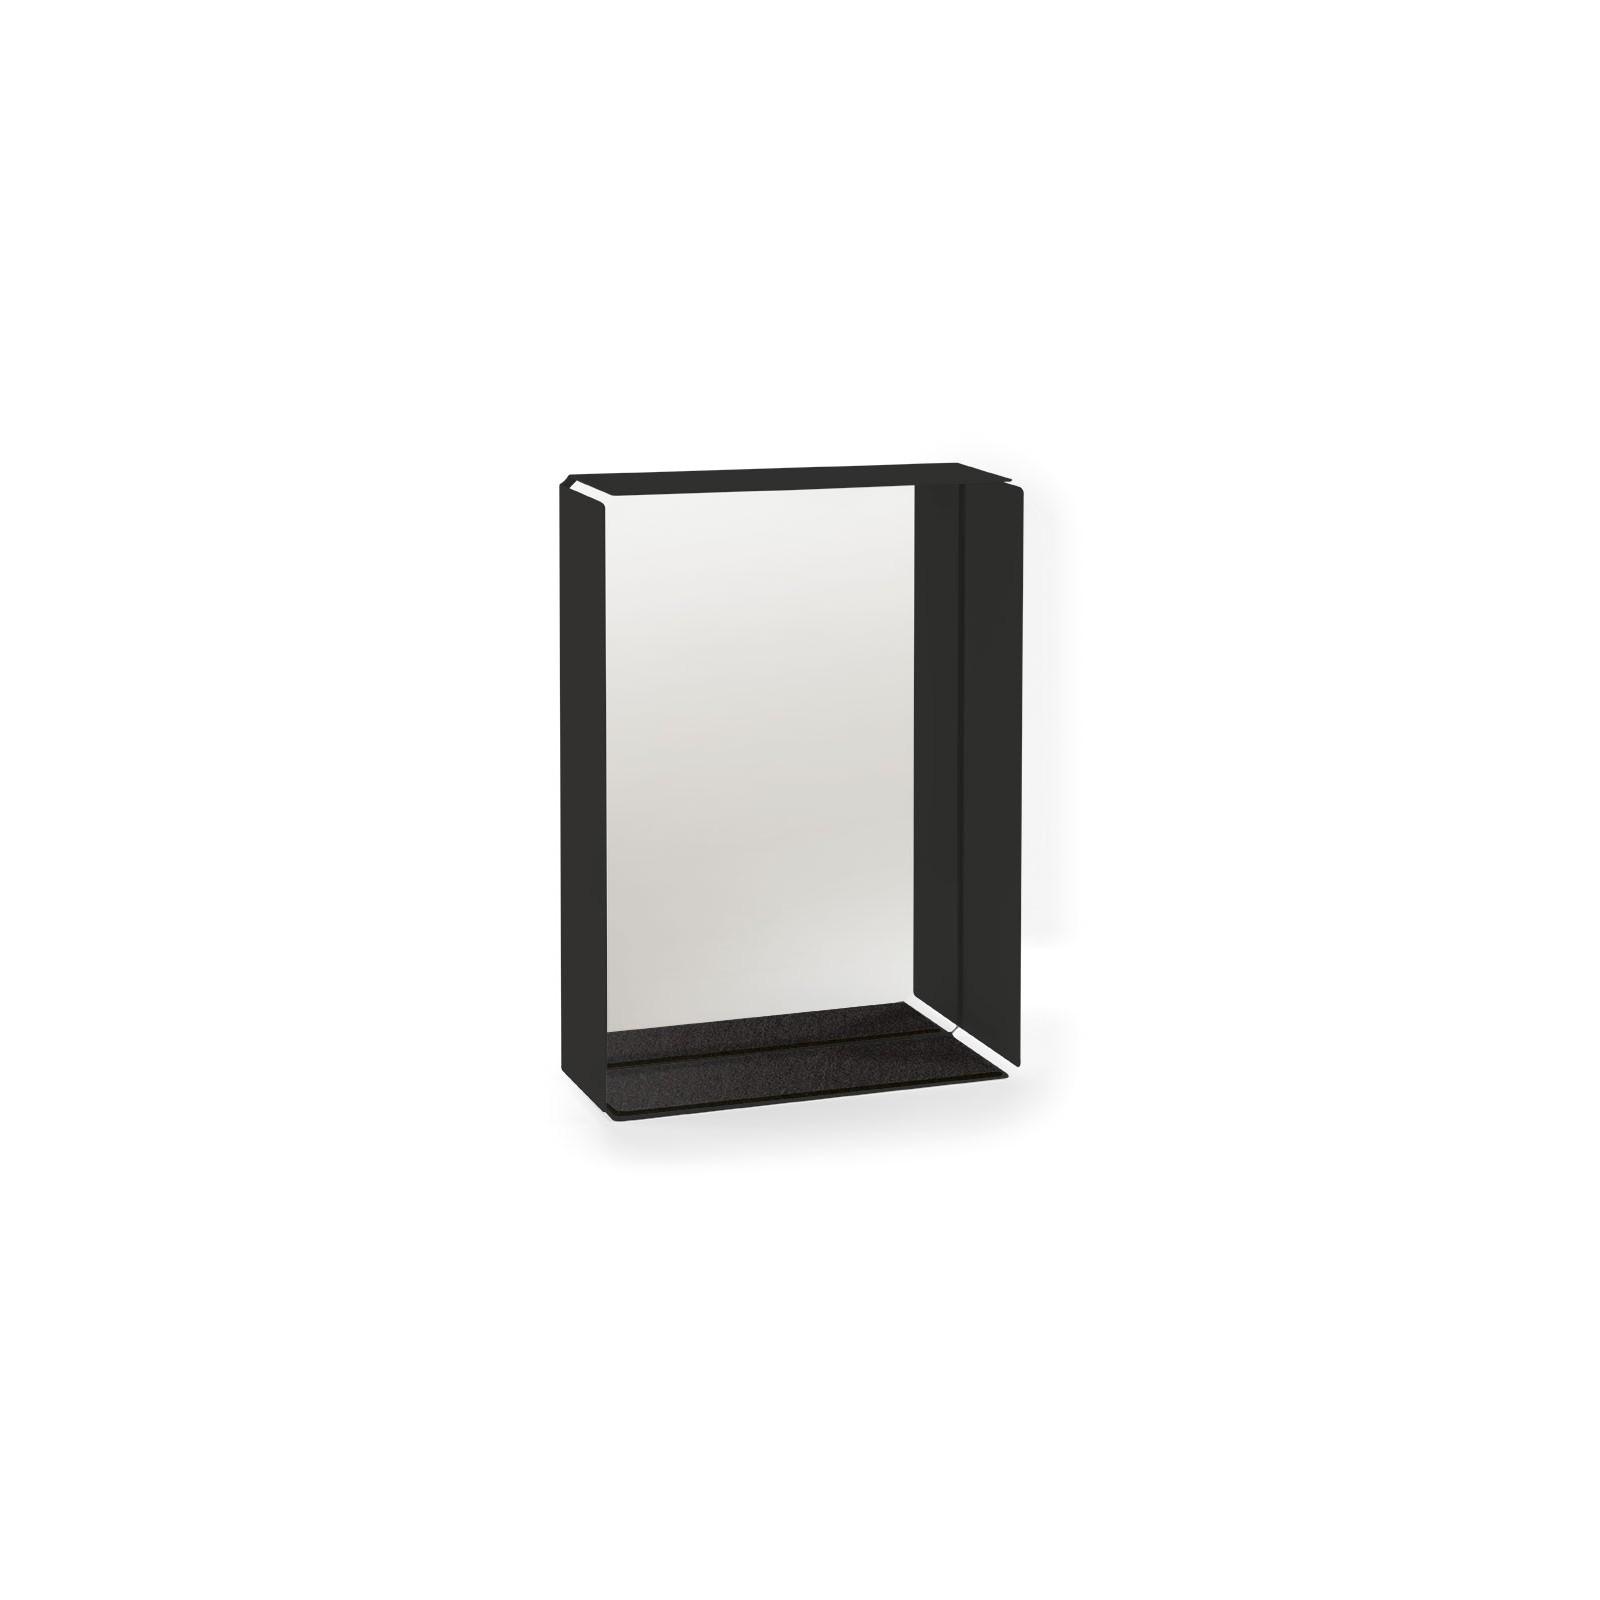 Miroir Concept Beauport Of Niche Miroir Arne Concept